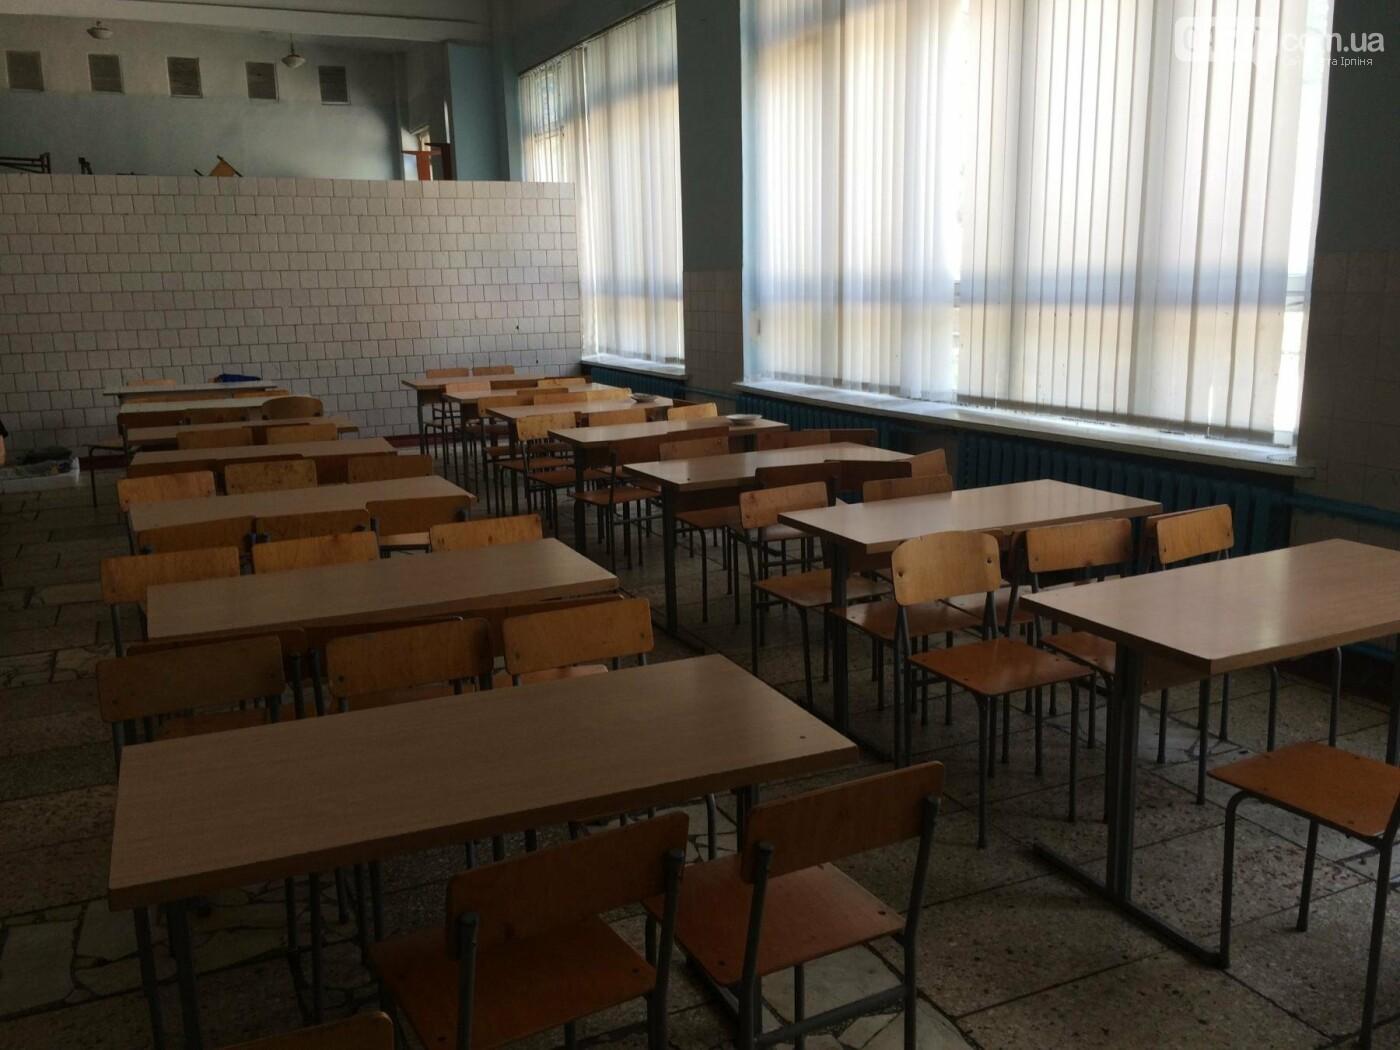 Як виглядатиме їдальня в 17 школі після реконструкції, фото-4